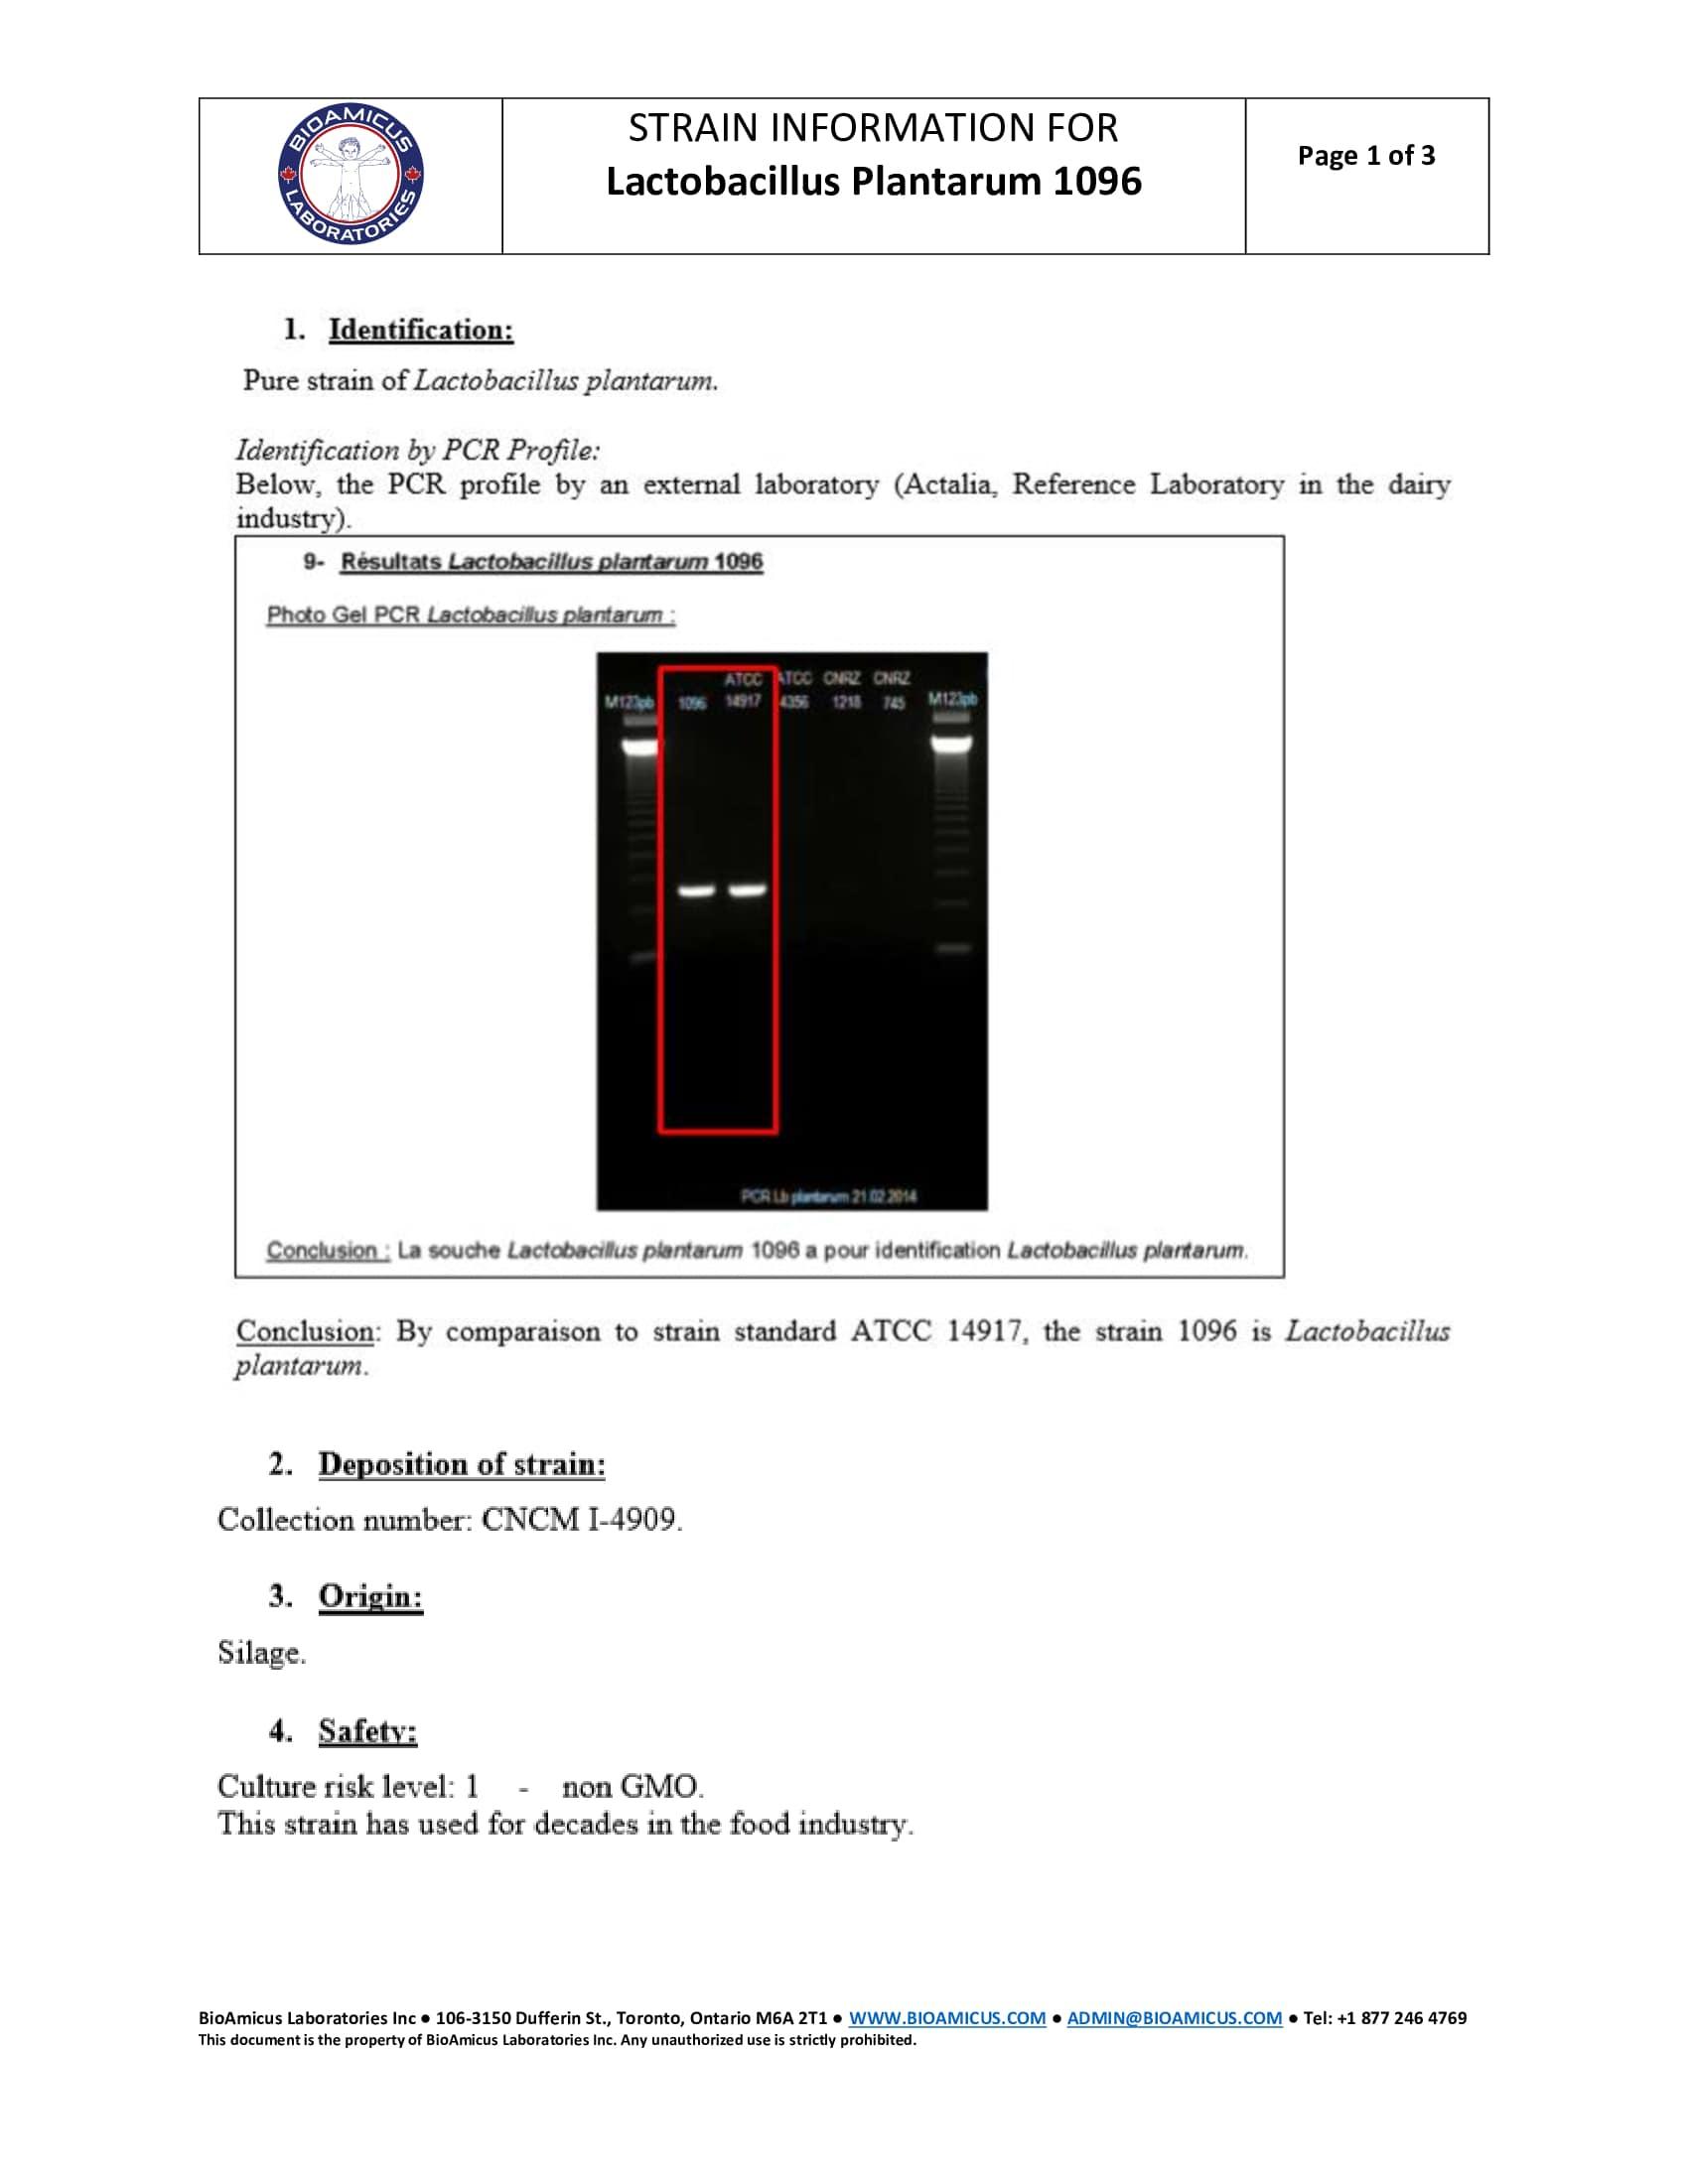 Lactobacillus Plantarum 1096